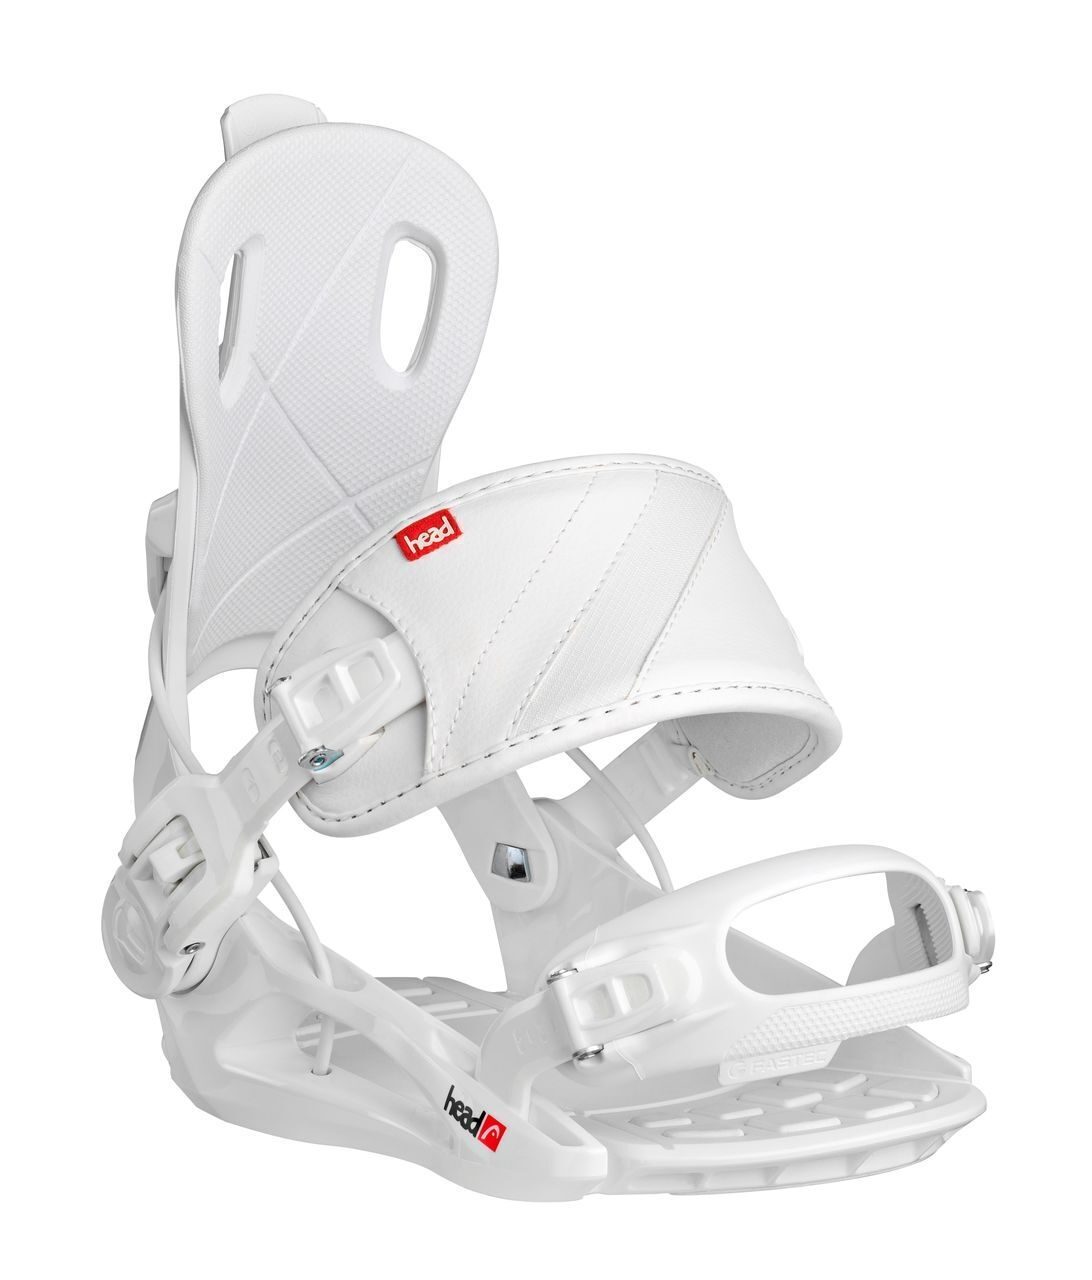 Крепления сноубордические Head RX Fay I white 2015